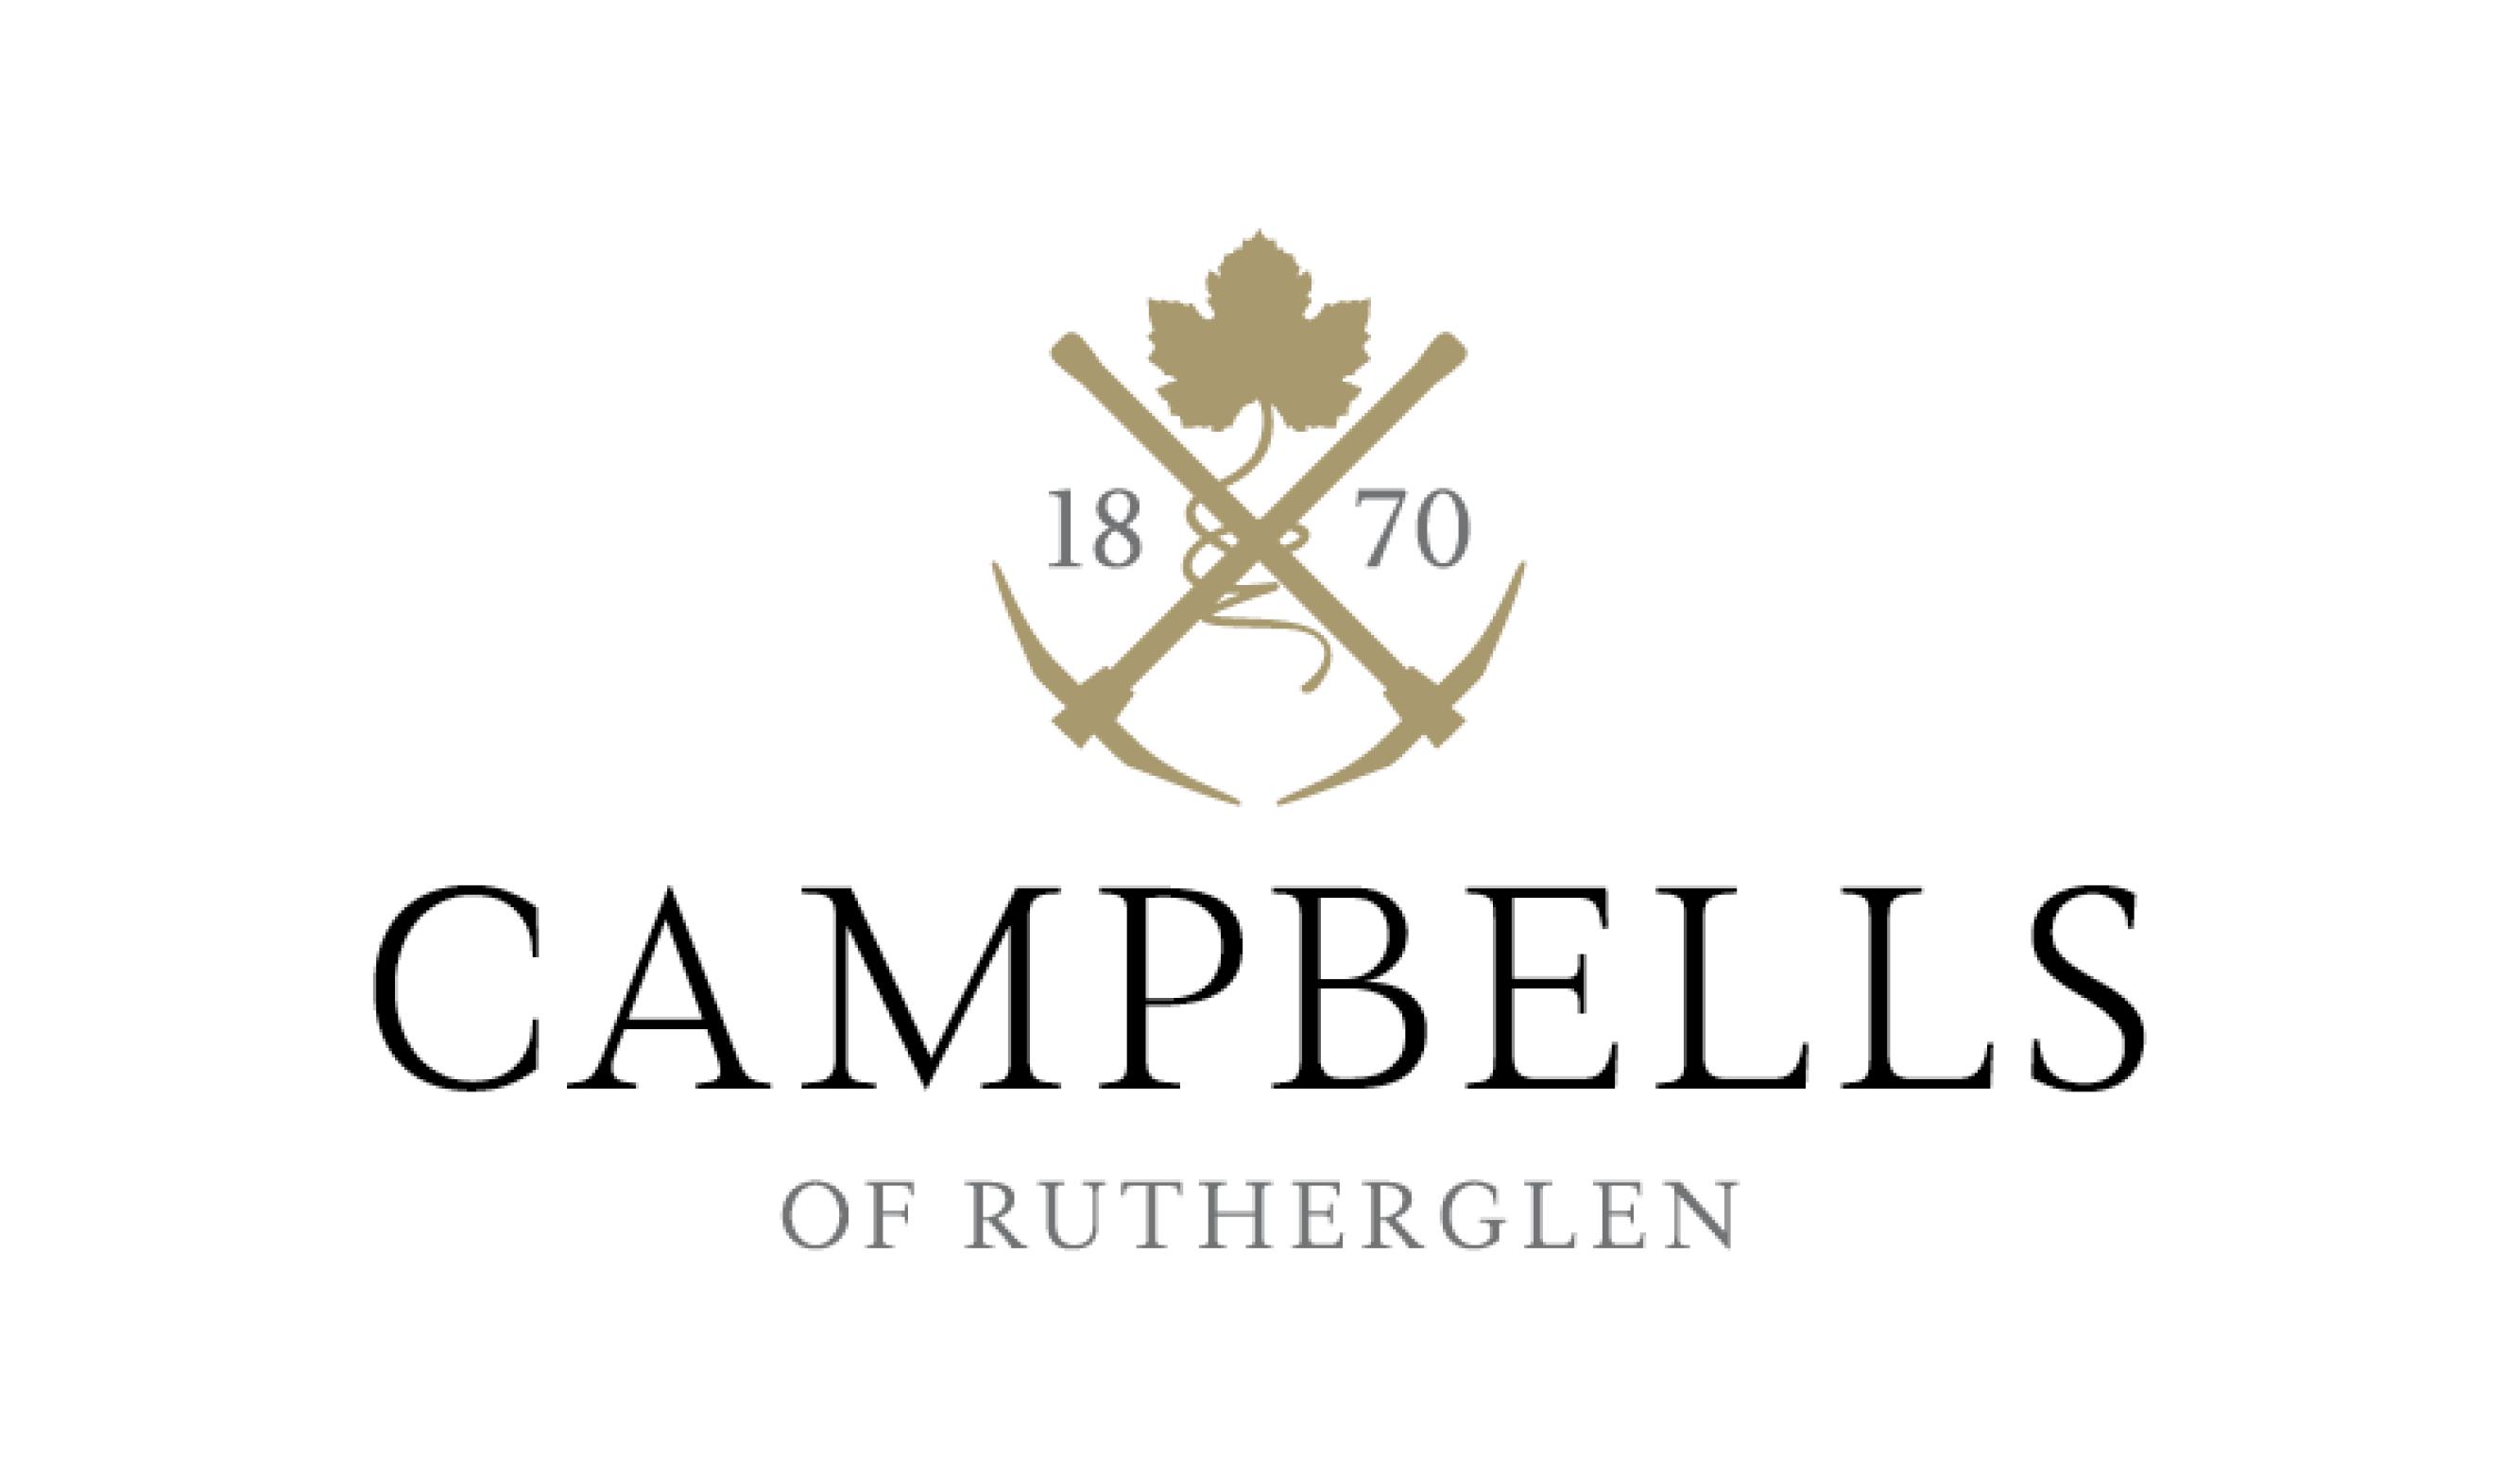 Campbells of Rutherglen